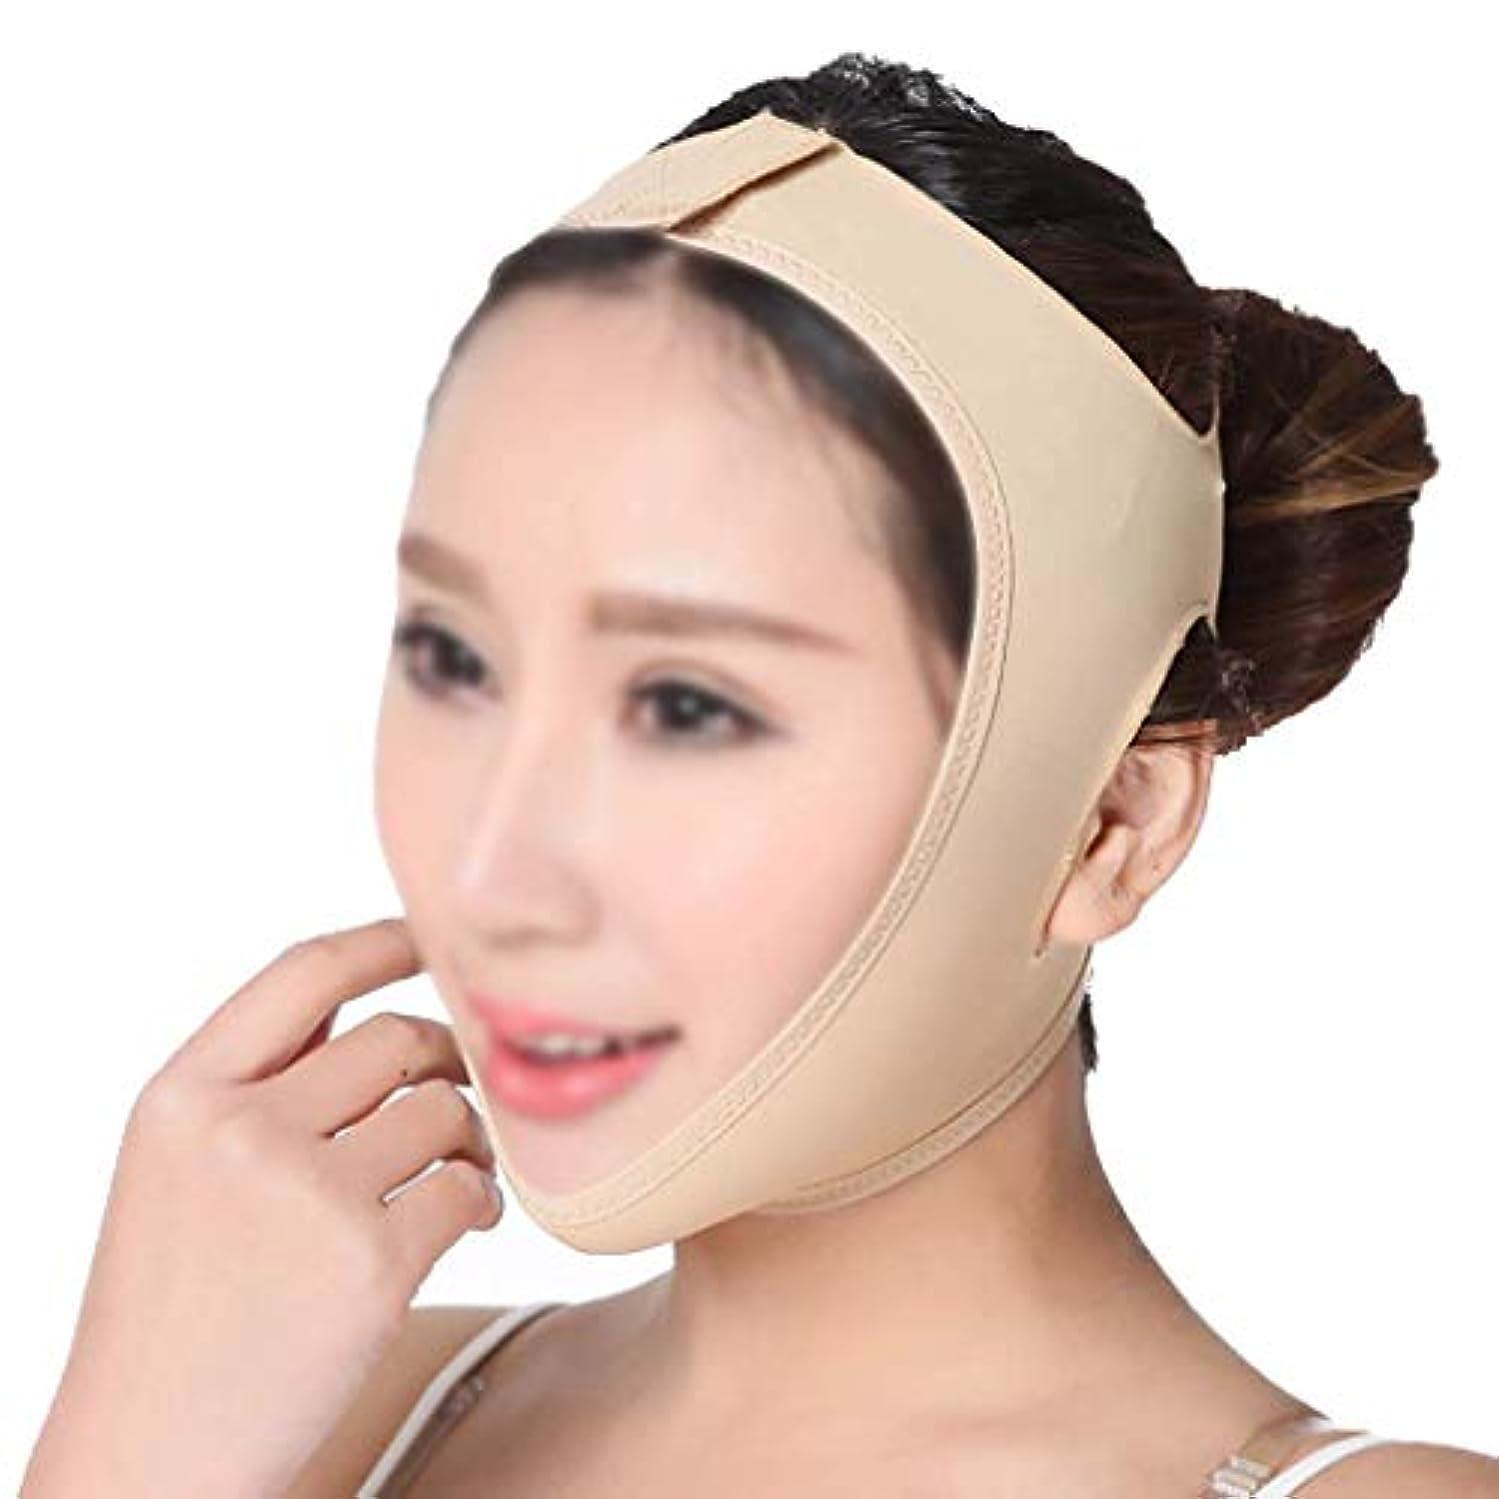 粗い液化するモーター薄い顔の包帯の顔スリム二重あごを取り除くVラインの顔の形を作成するあごの頬リフトアップアンチリンクルリフティングベルトフェイスマッサージツール(サイズ:L)